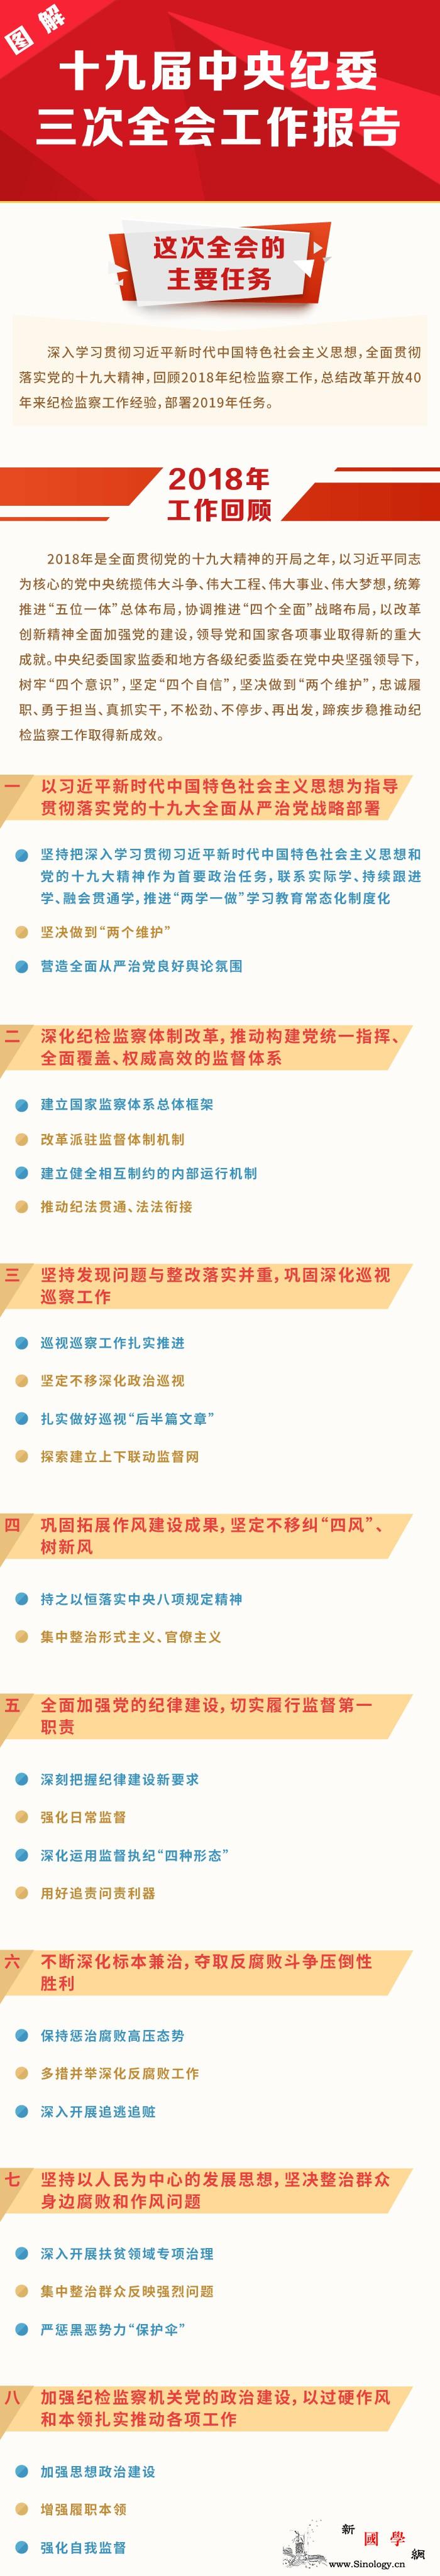 图解十九届中央纪委三次全会工作报告_国家-监委-网站-